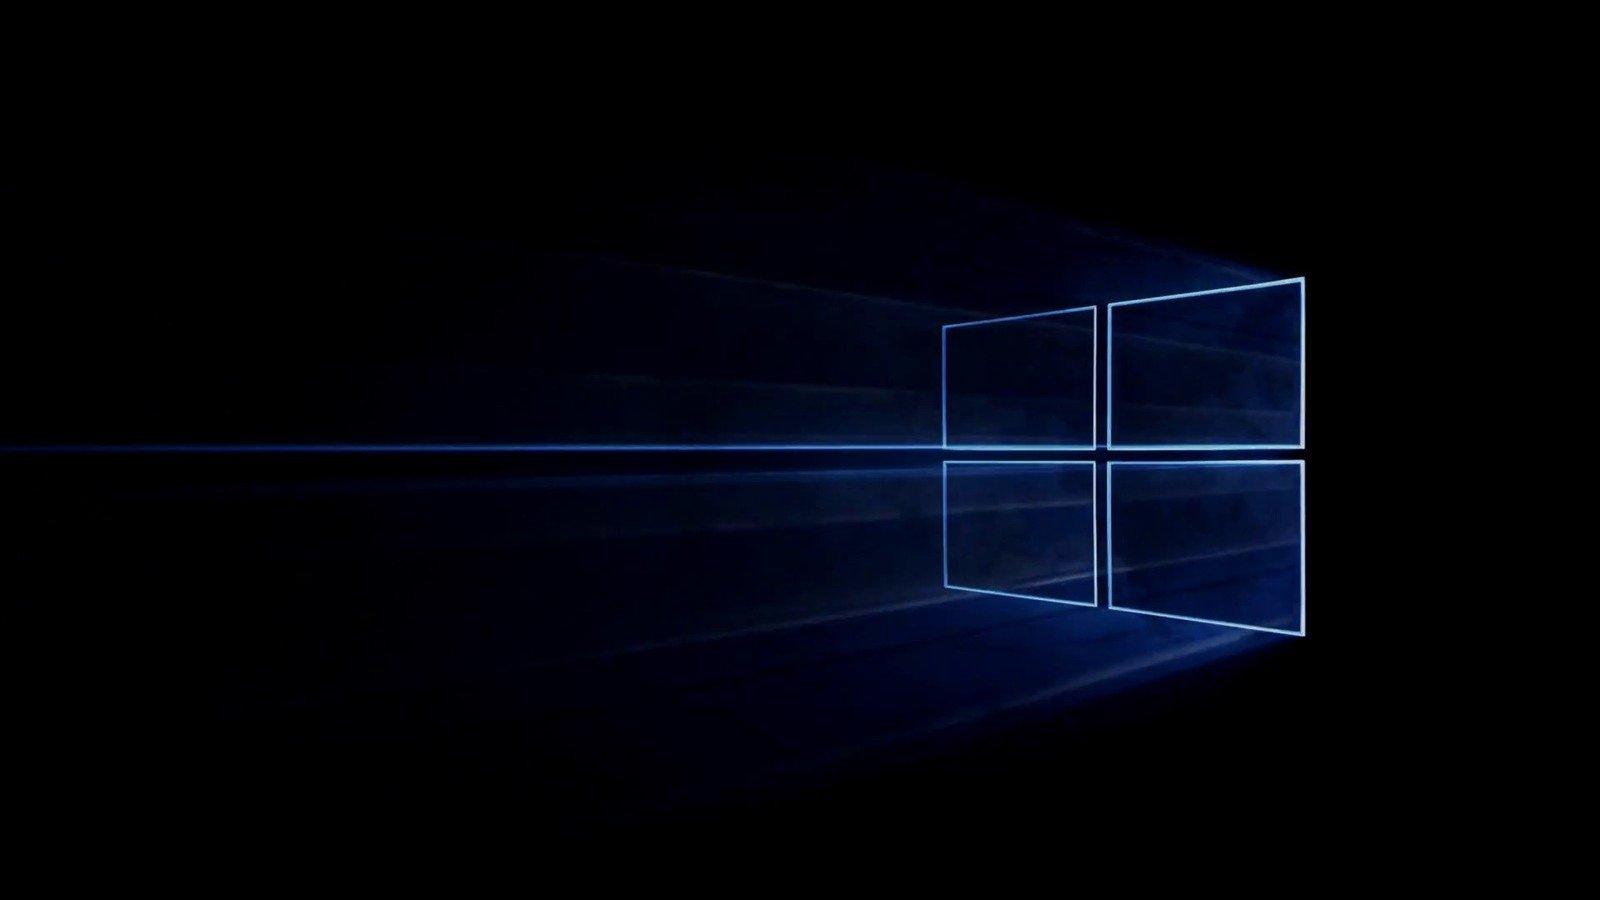 Windows dark mode